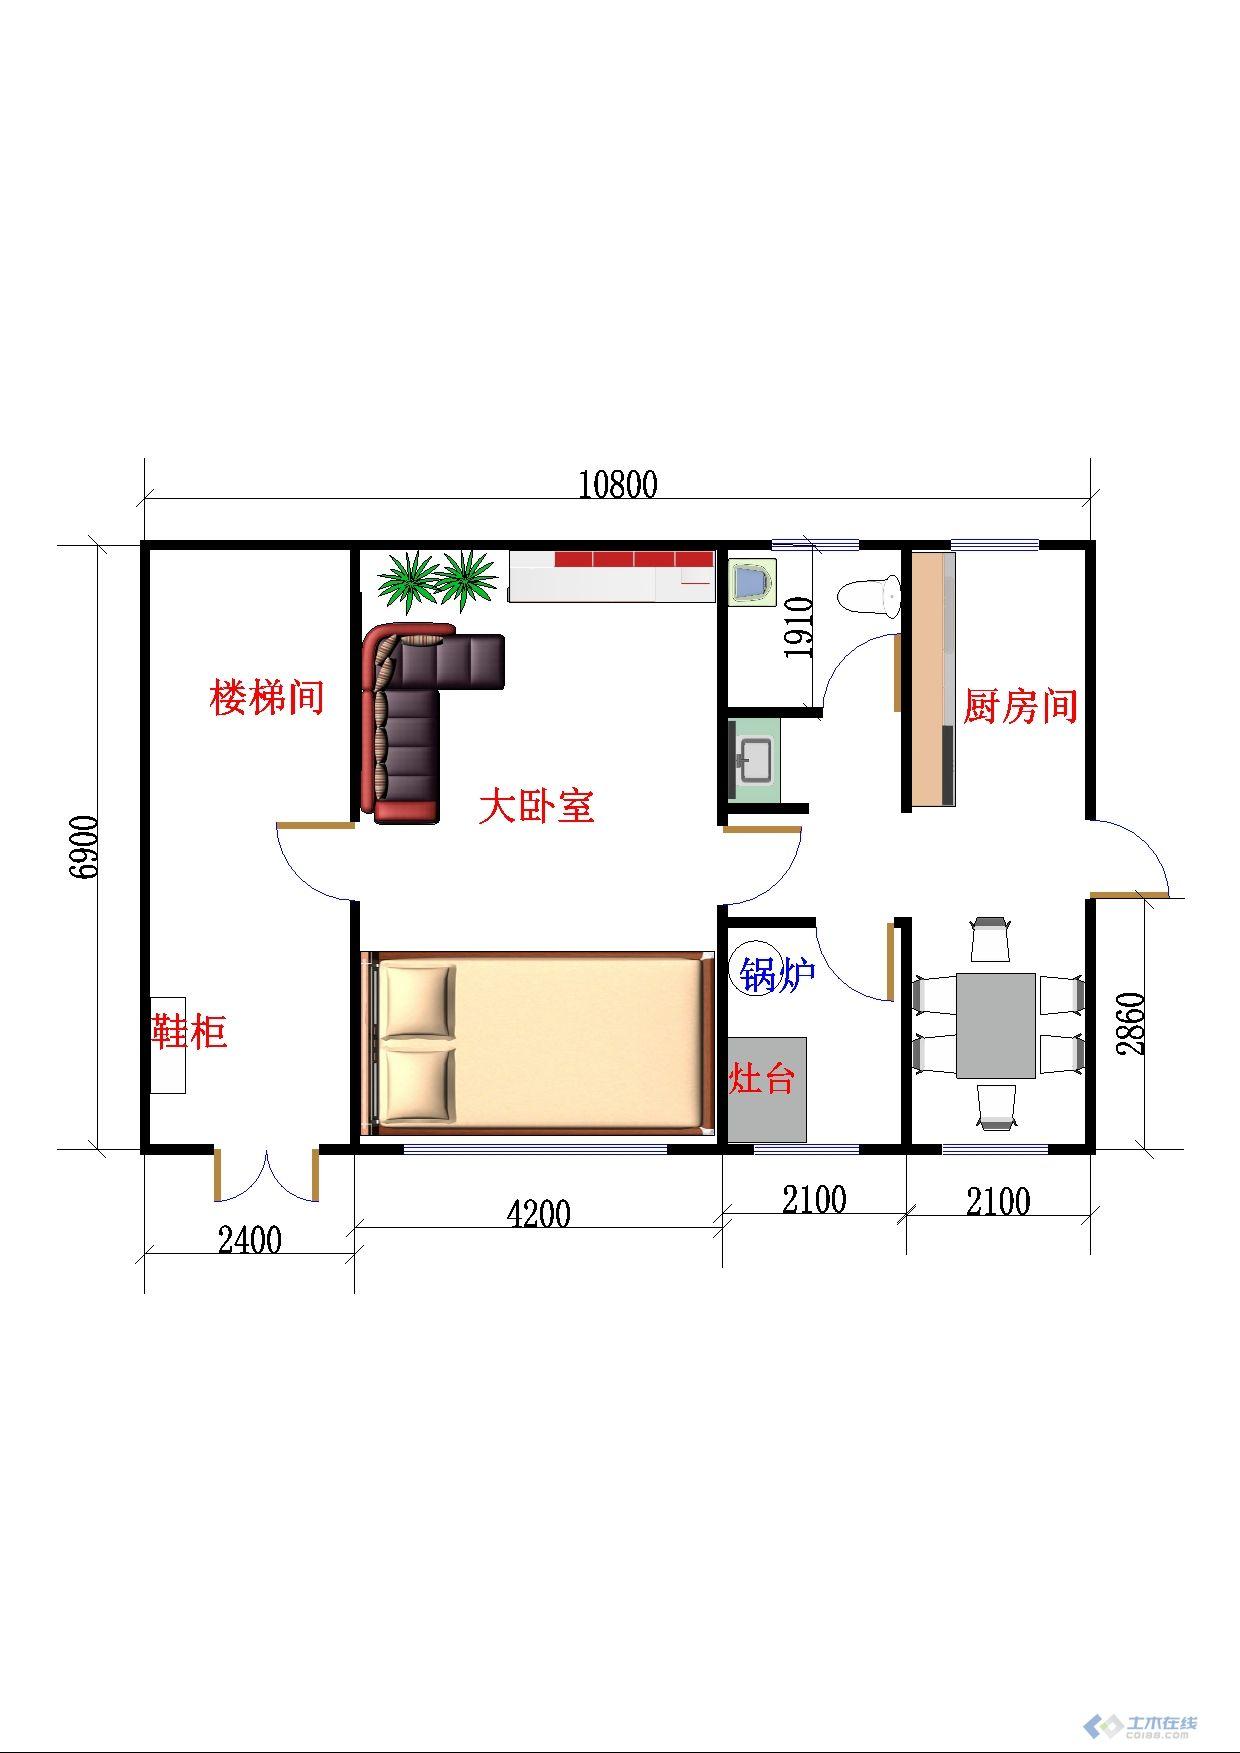 我设计的北方农村二层小楼,请高手指点高清图片